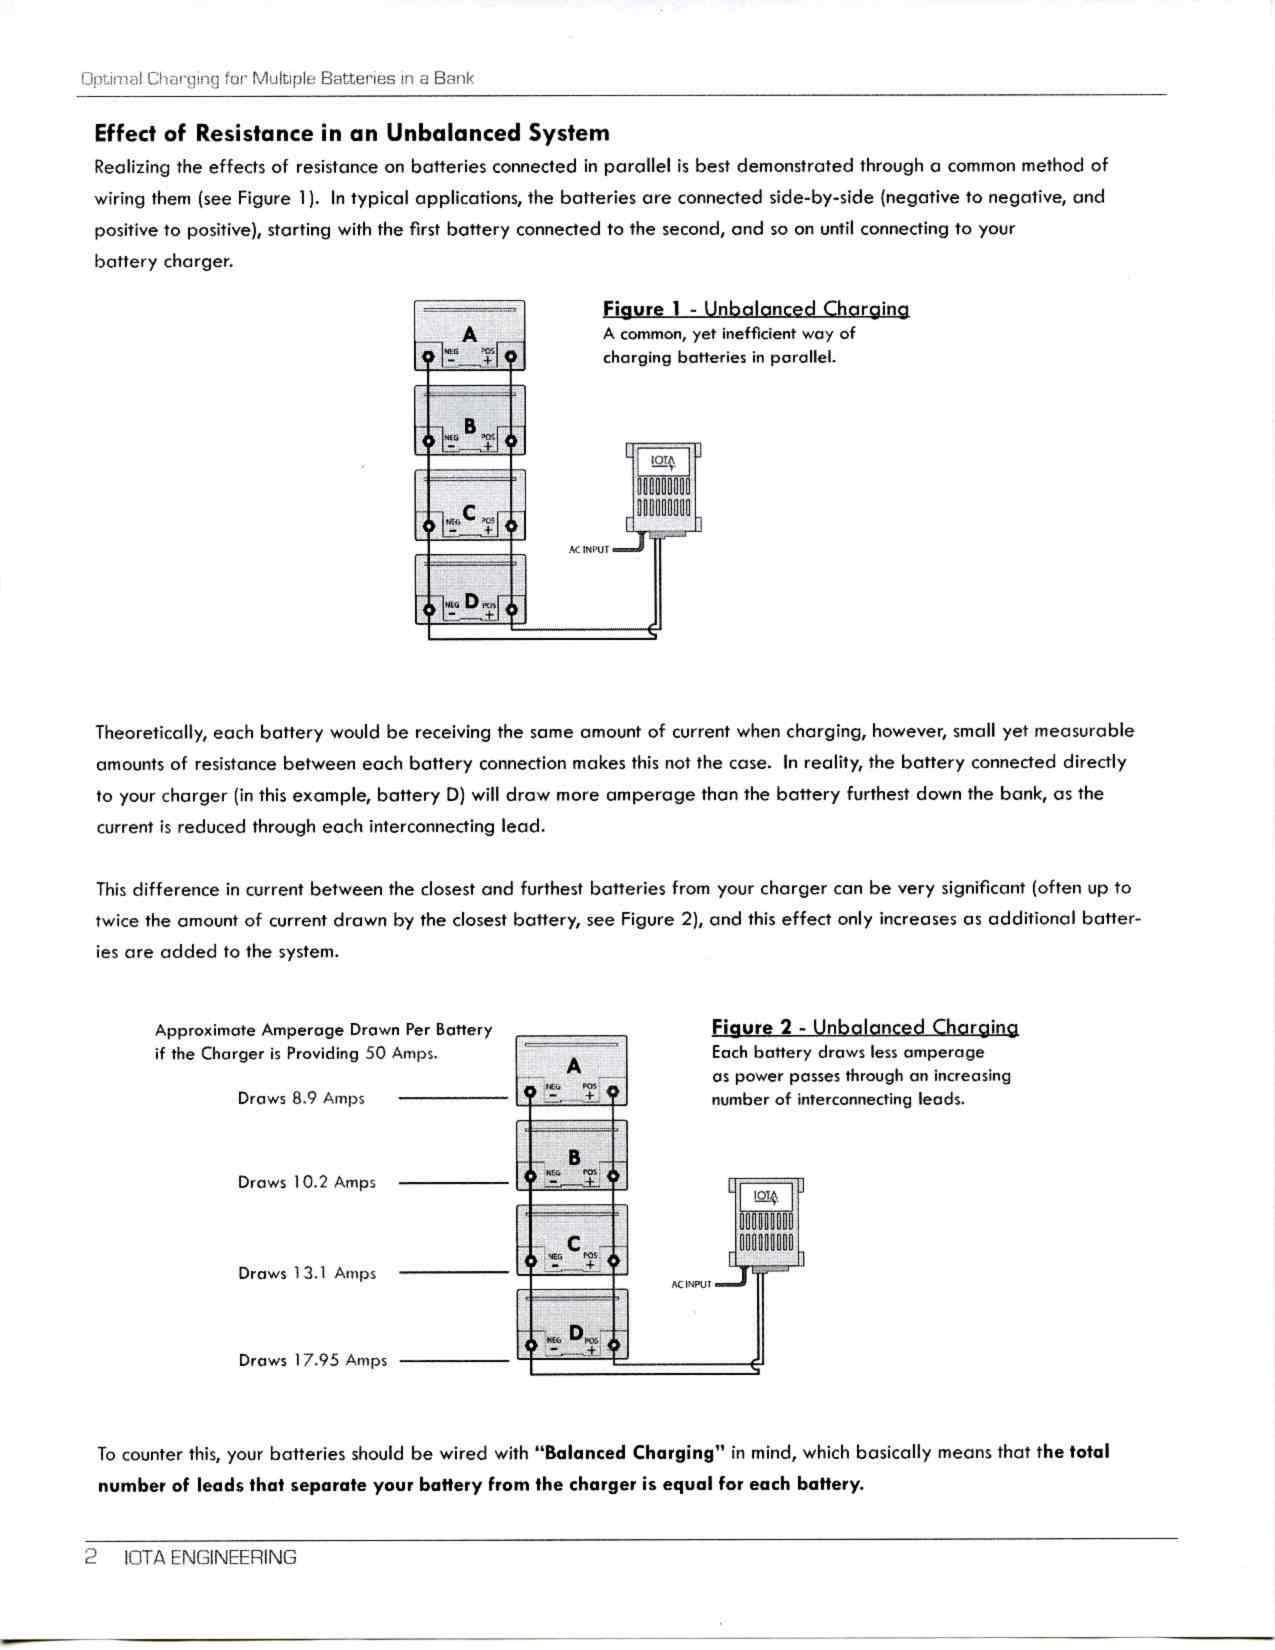 445bfb720?resize\\\=665%2C861 iota emergency ballast wiring diagram 1 lamp gandul 45 77 79 119  at virtualis.co